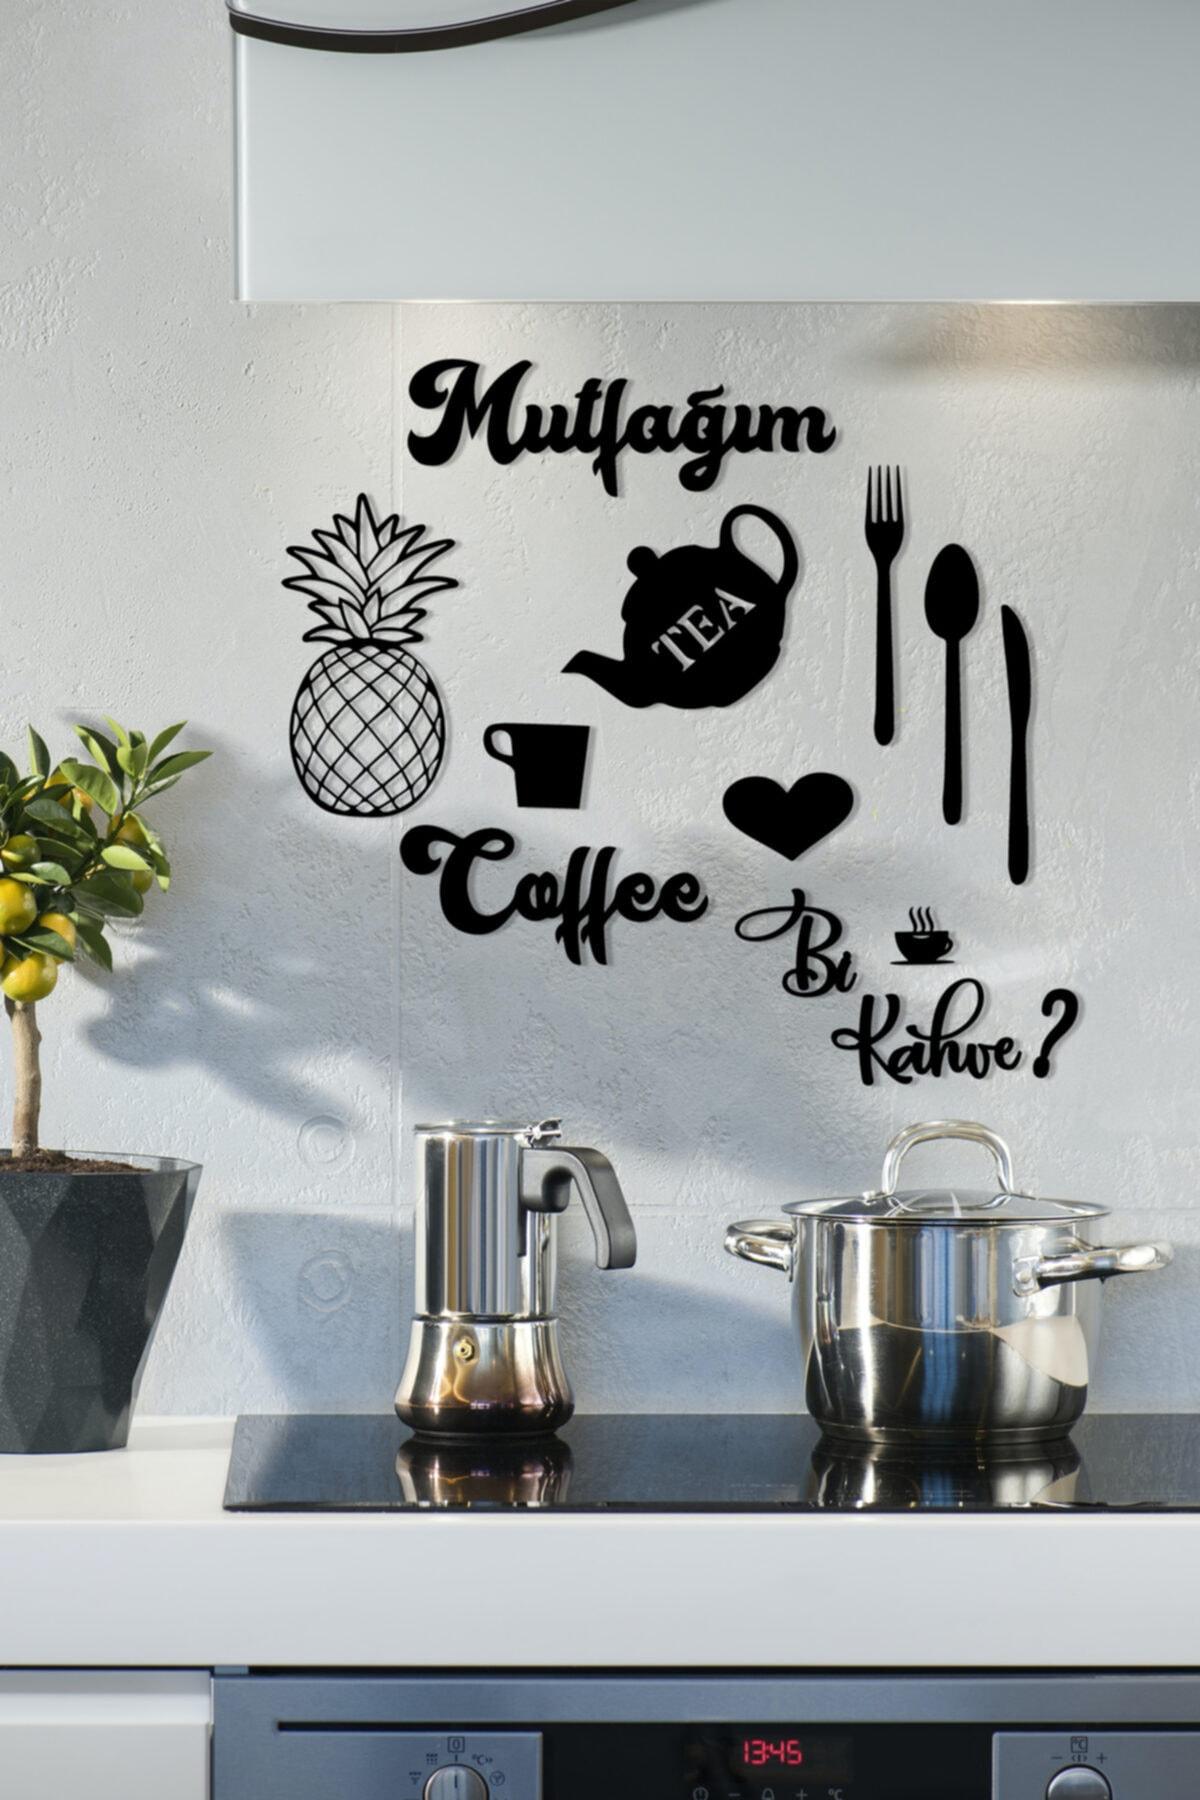 NT Handmade Siyah Mutfağım Ananas  Mutfak Konsepti Ahşap Duvar Dekoru 9 Parça 1